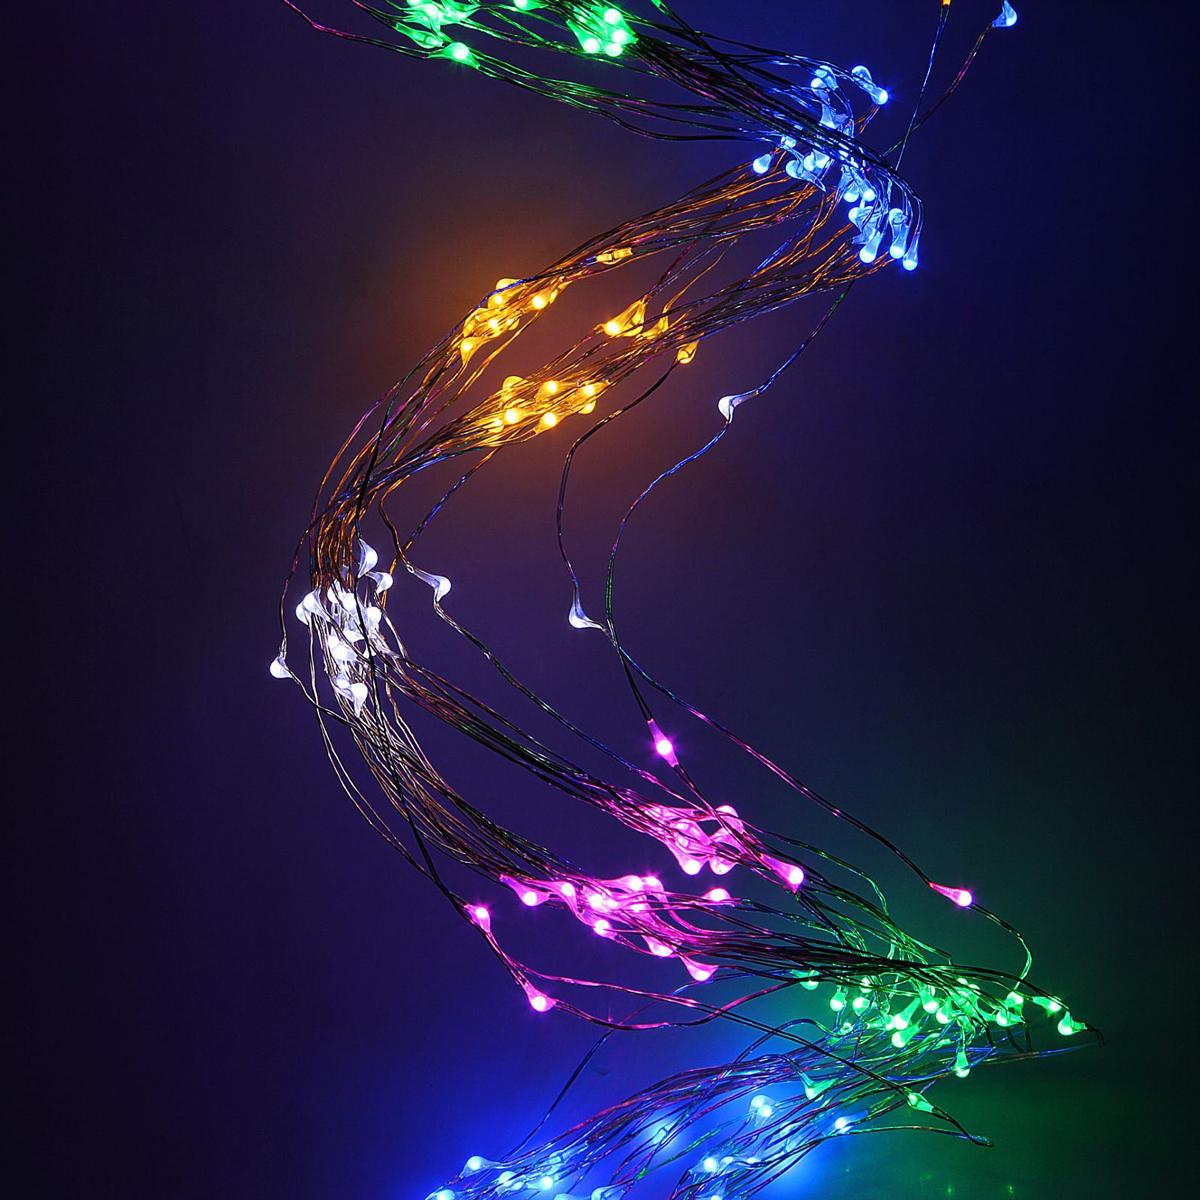 Гирлянда светодиодная Luazon Конский хвост, цвет: мультиколор, 360 ламп, 8 режимов, 12 V, 24 нити, длина 1,5 м. 1080615 гирлянда luazon дождь 2m 6m multicolor 671678